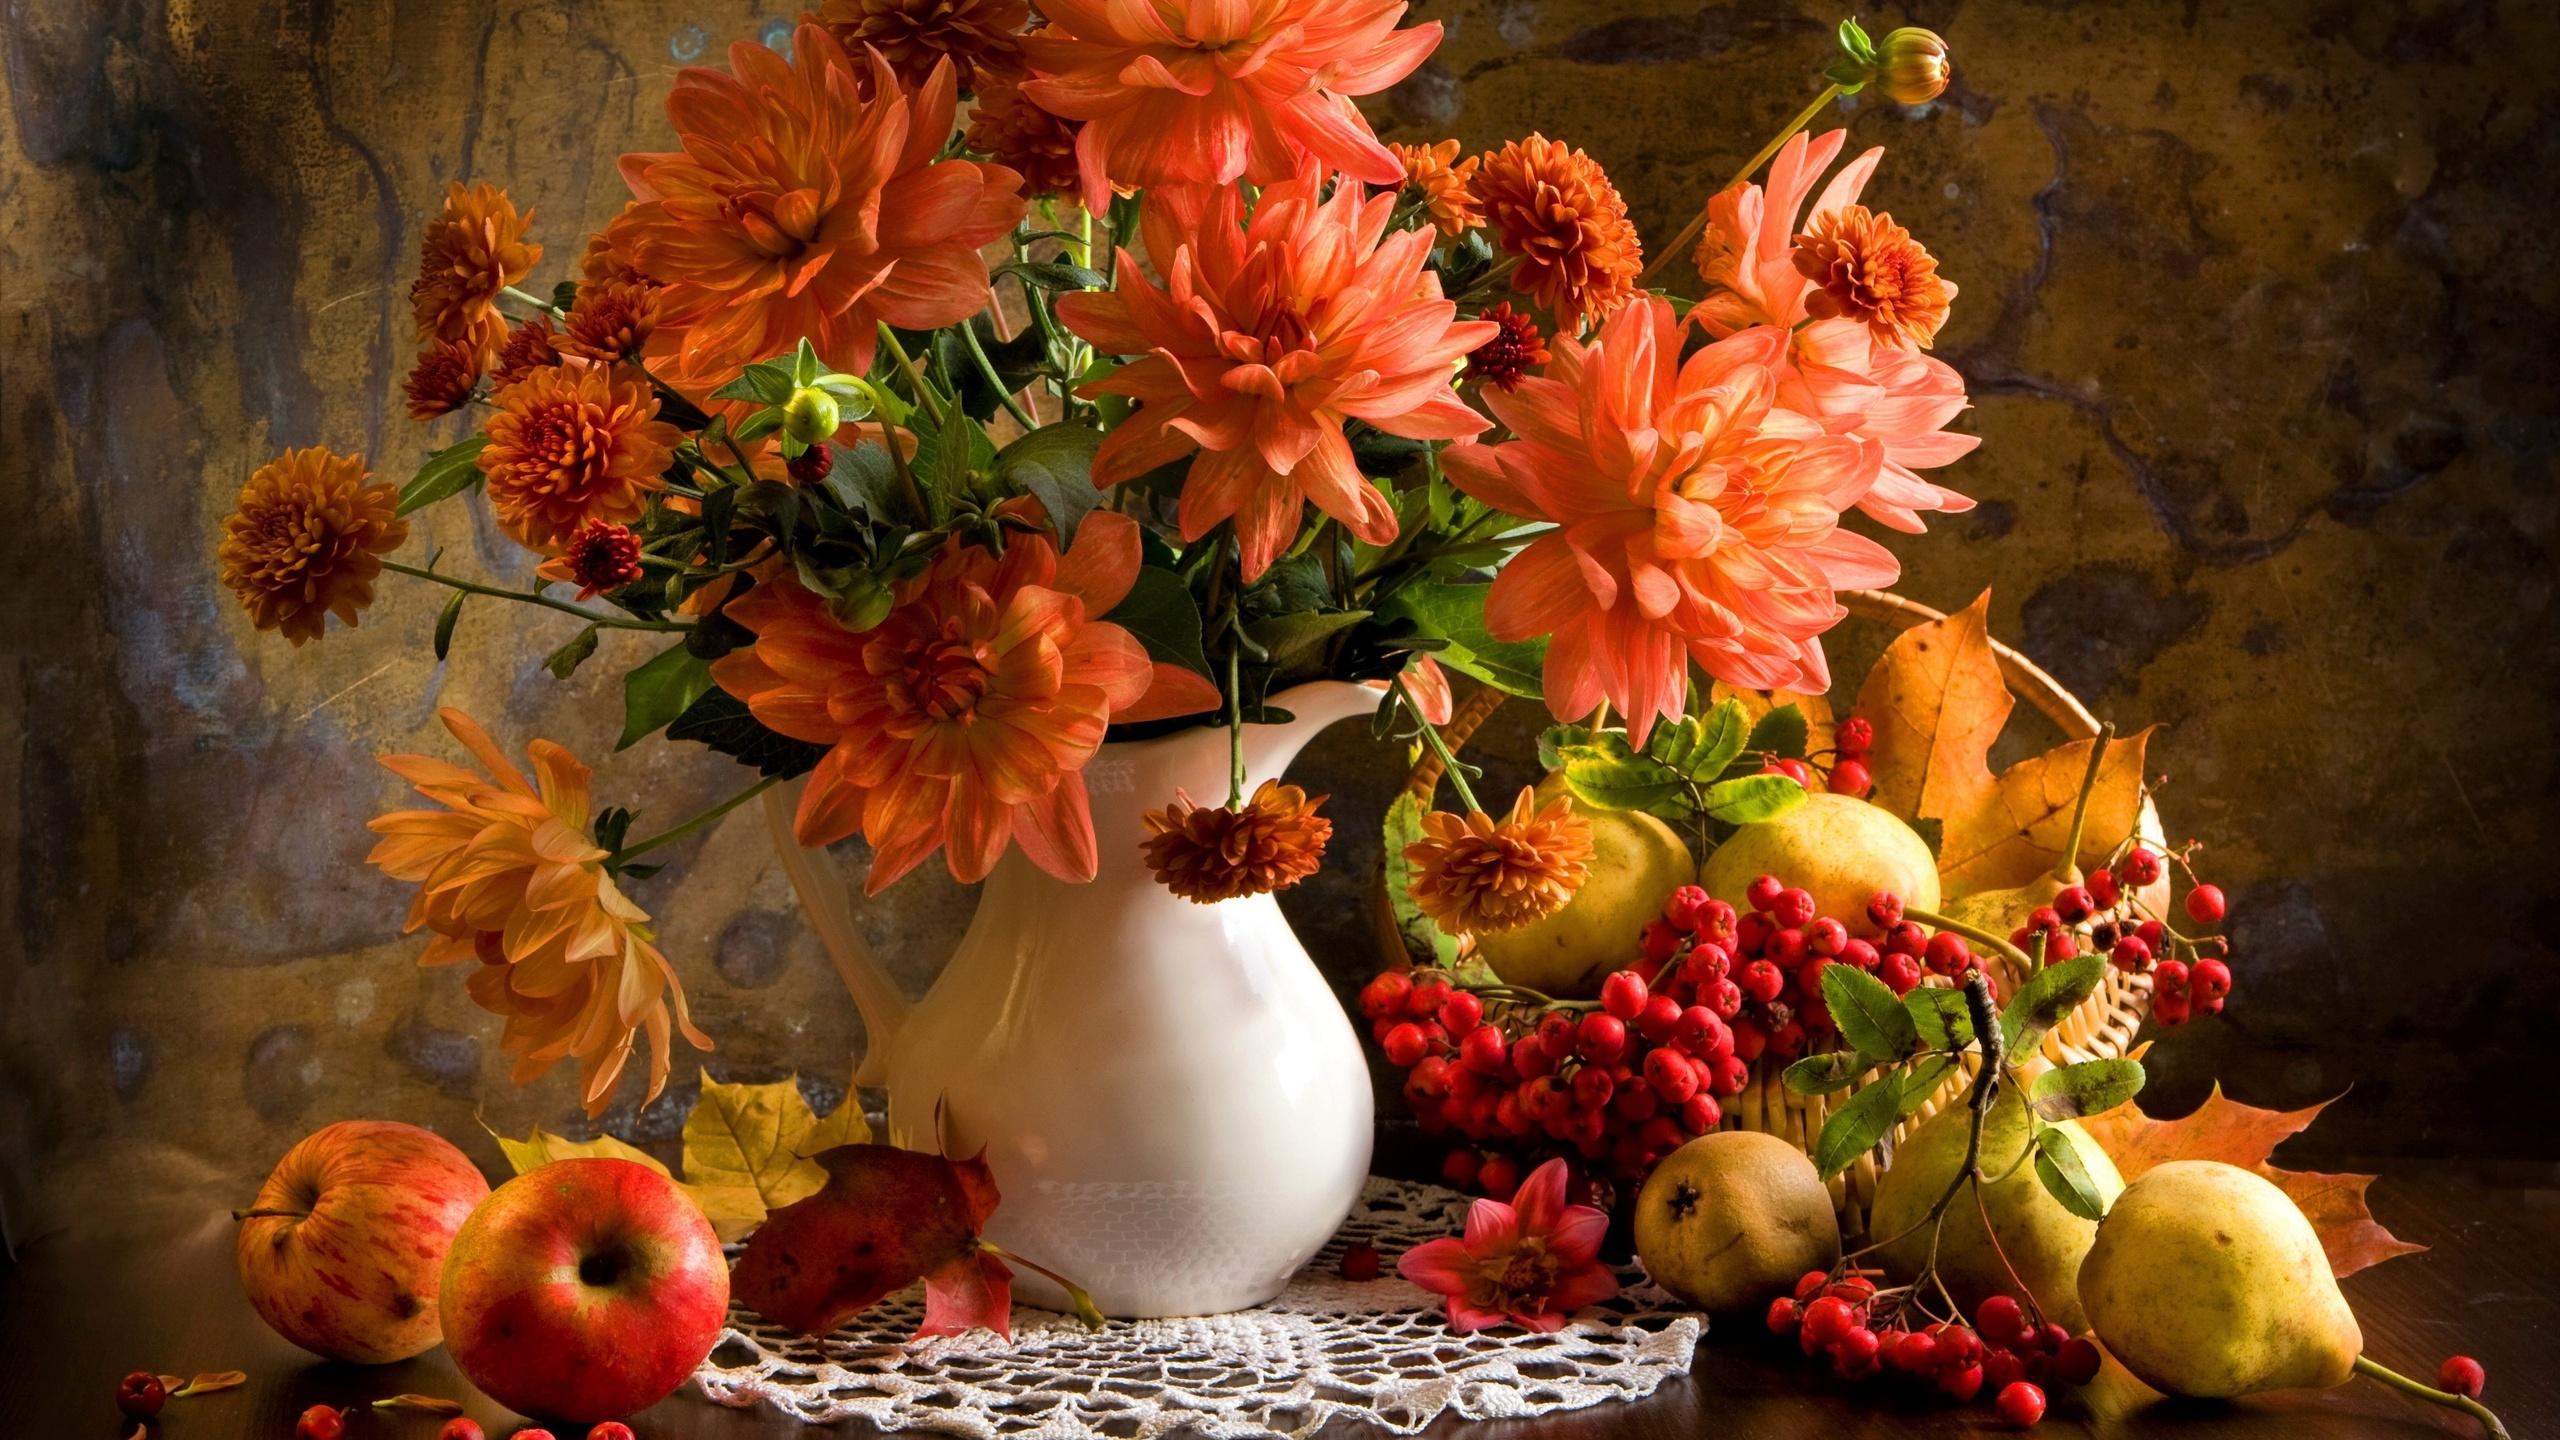 Картинки букет осенних цветов в красках